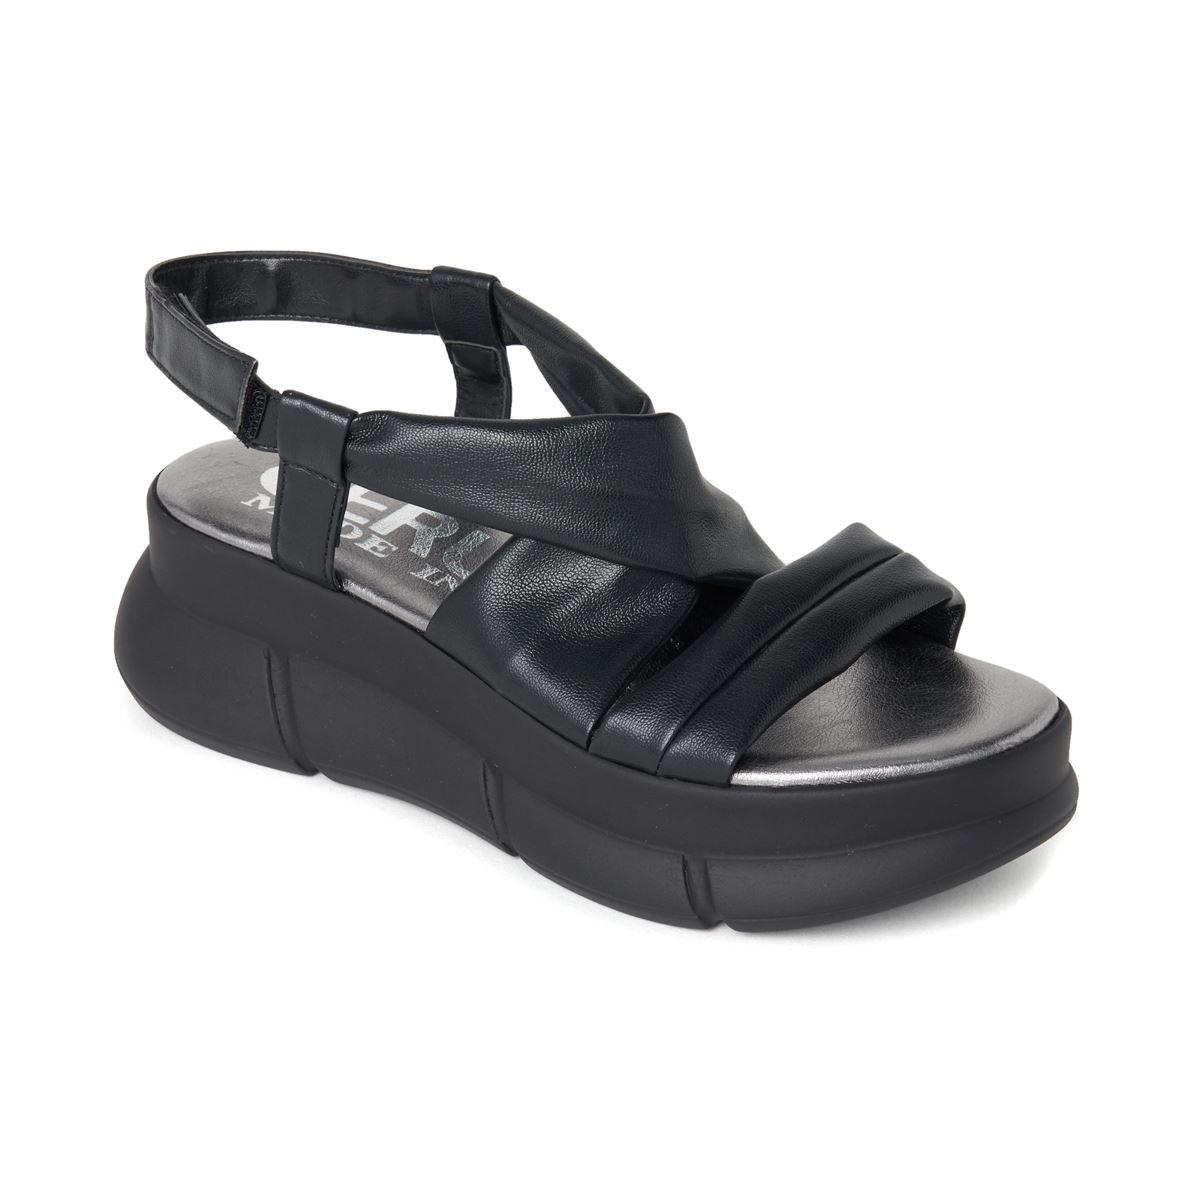 CERUTTI[チェルッティ] 20935-BLACK サンダル ブラック